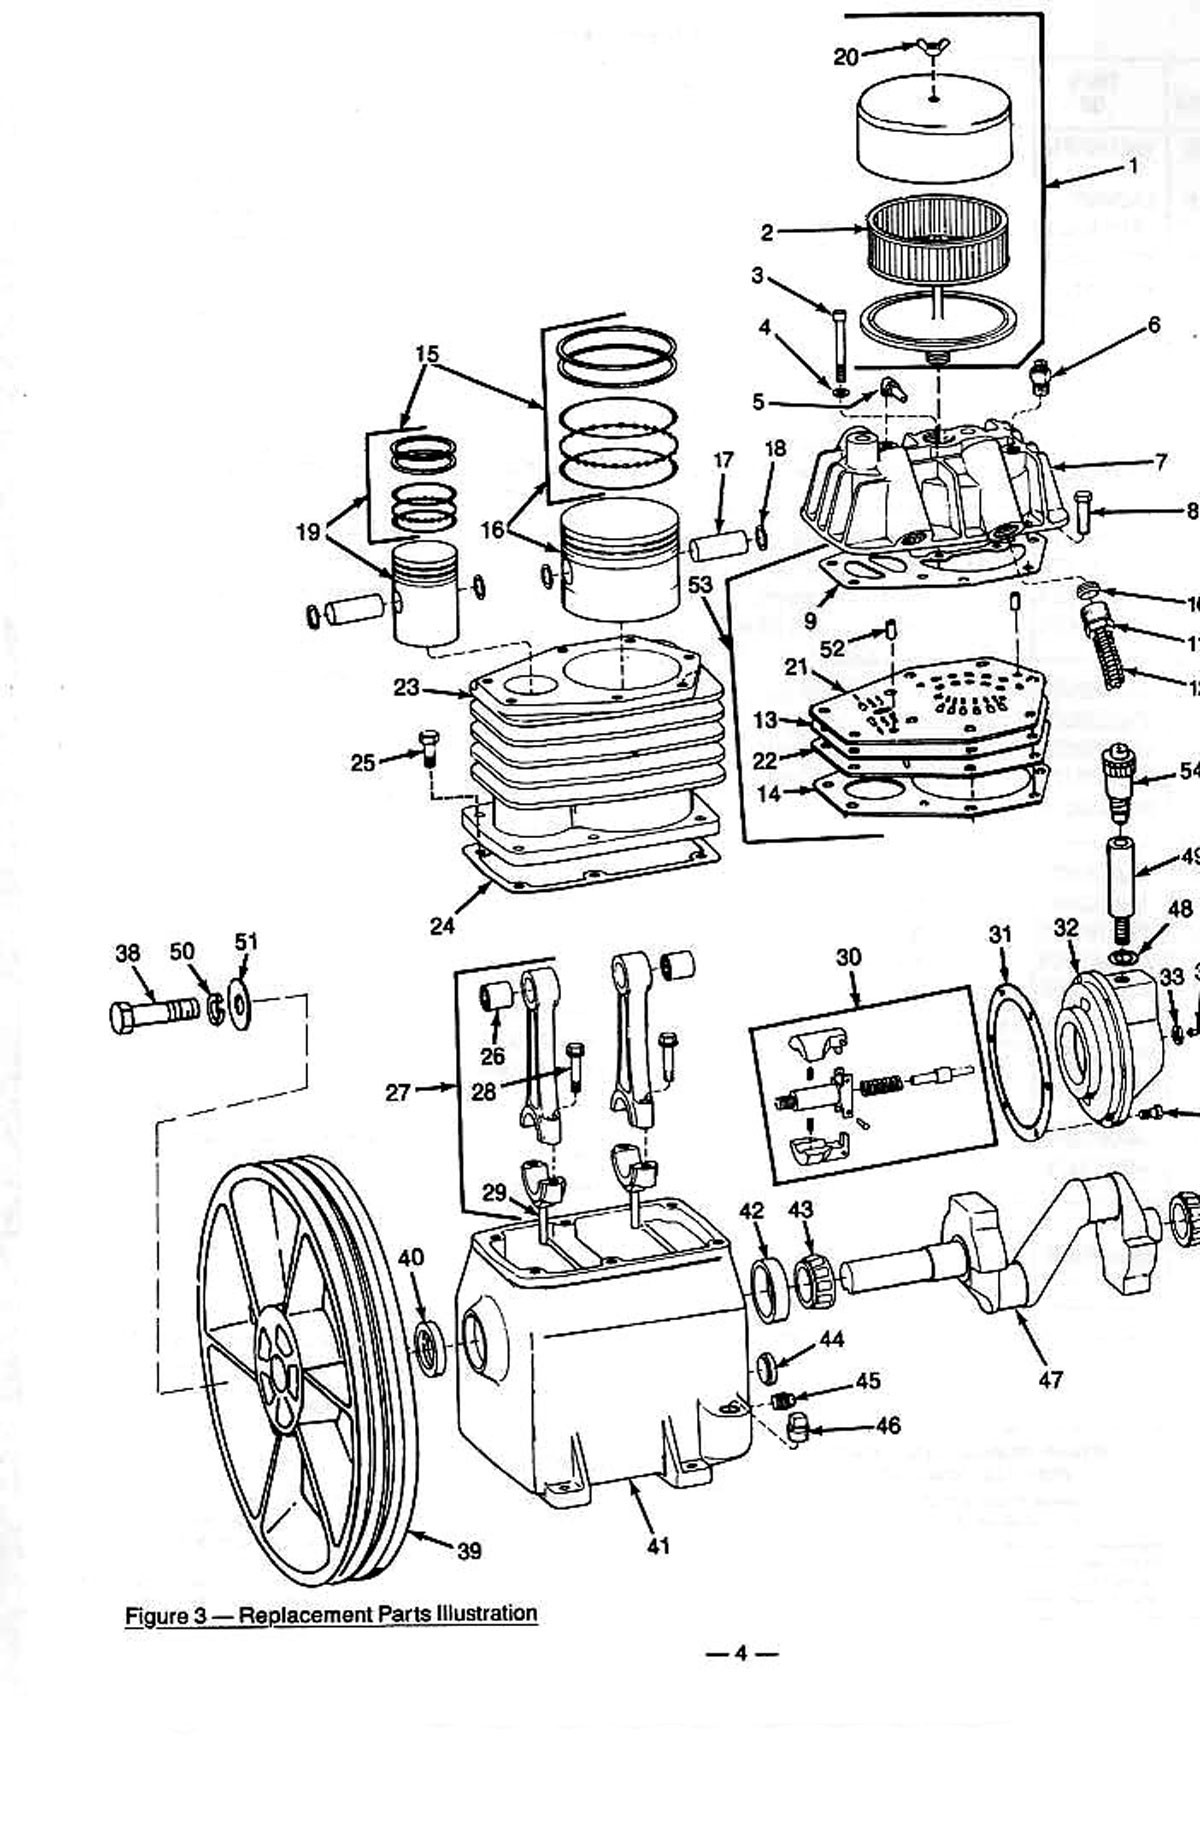 Air Compressor Parts Diagram